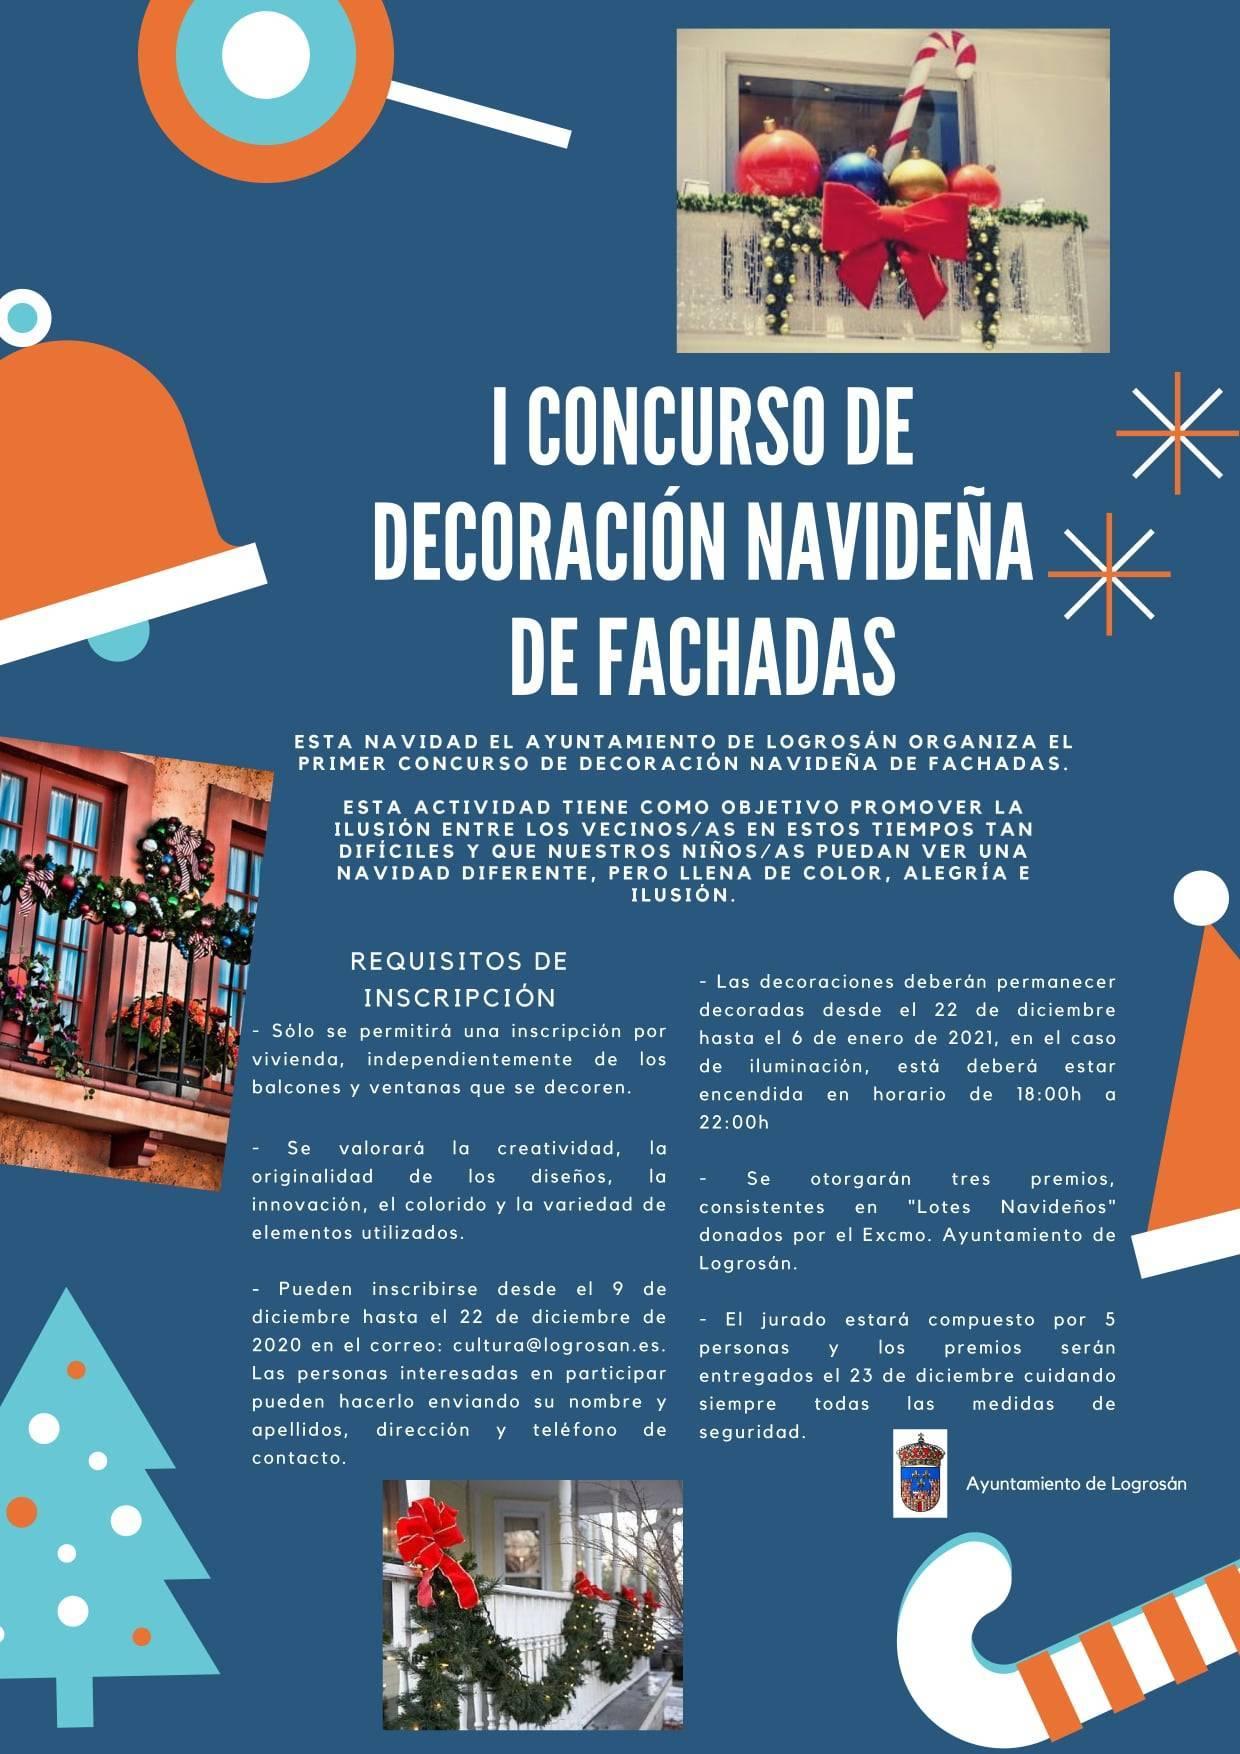 I concurso de decoración navideña de fachadas - Logrosán (Cáceres)